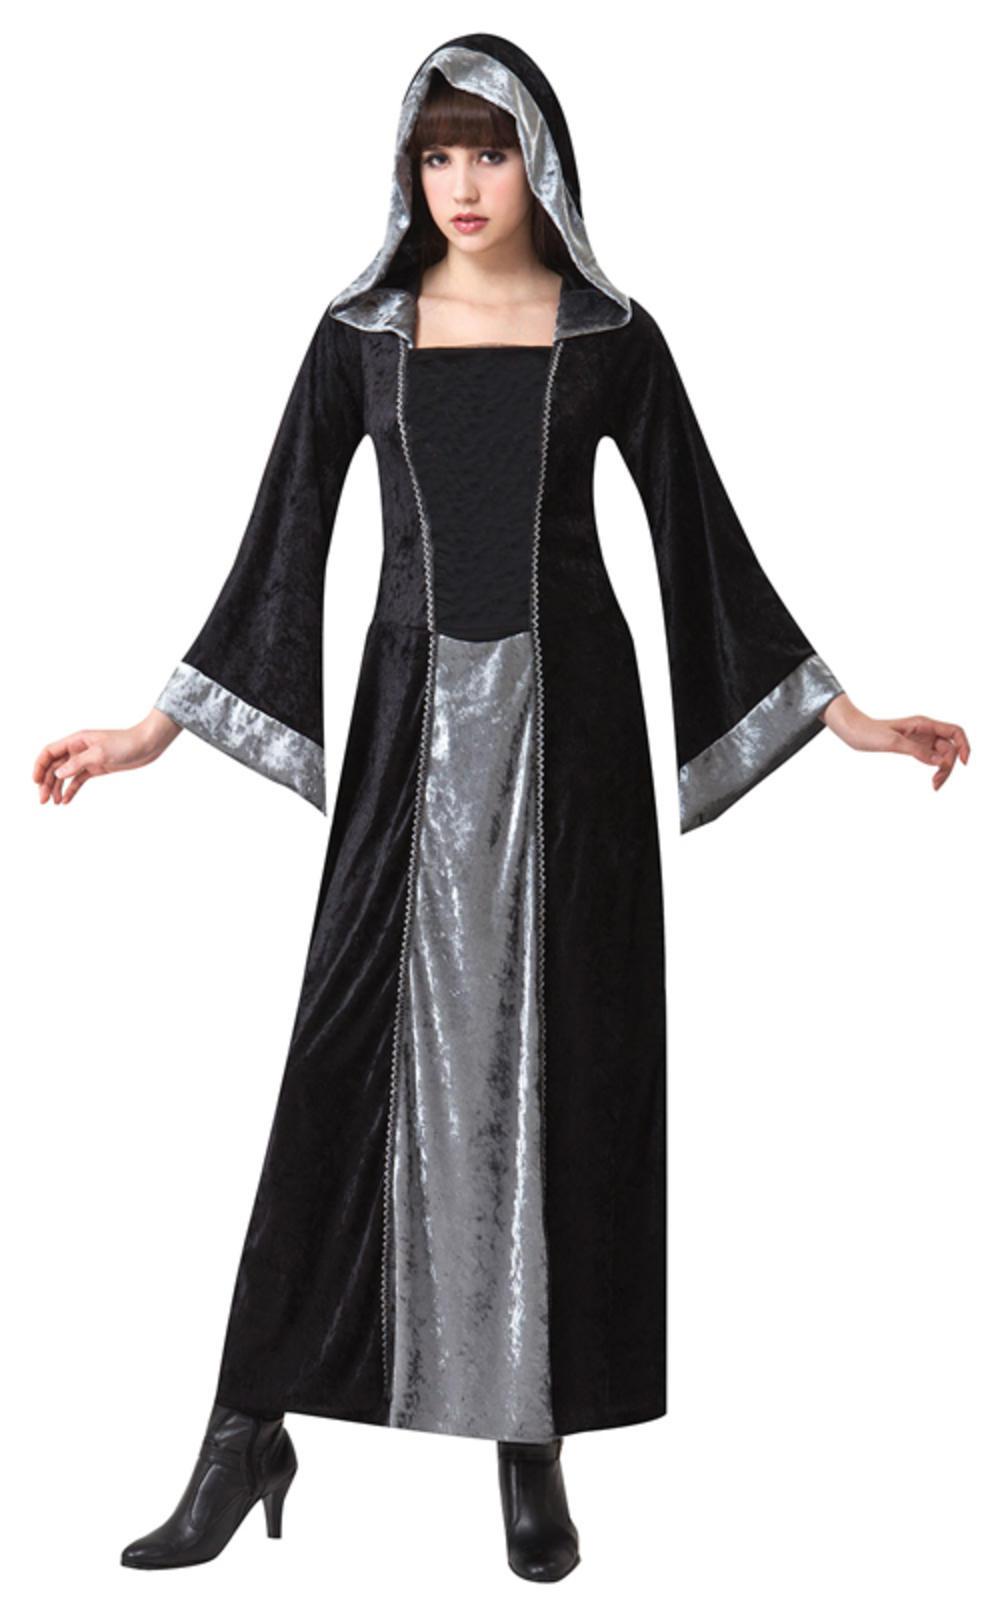 Velvet Gothic Hooded Cloak Costume